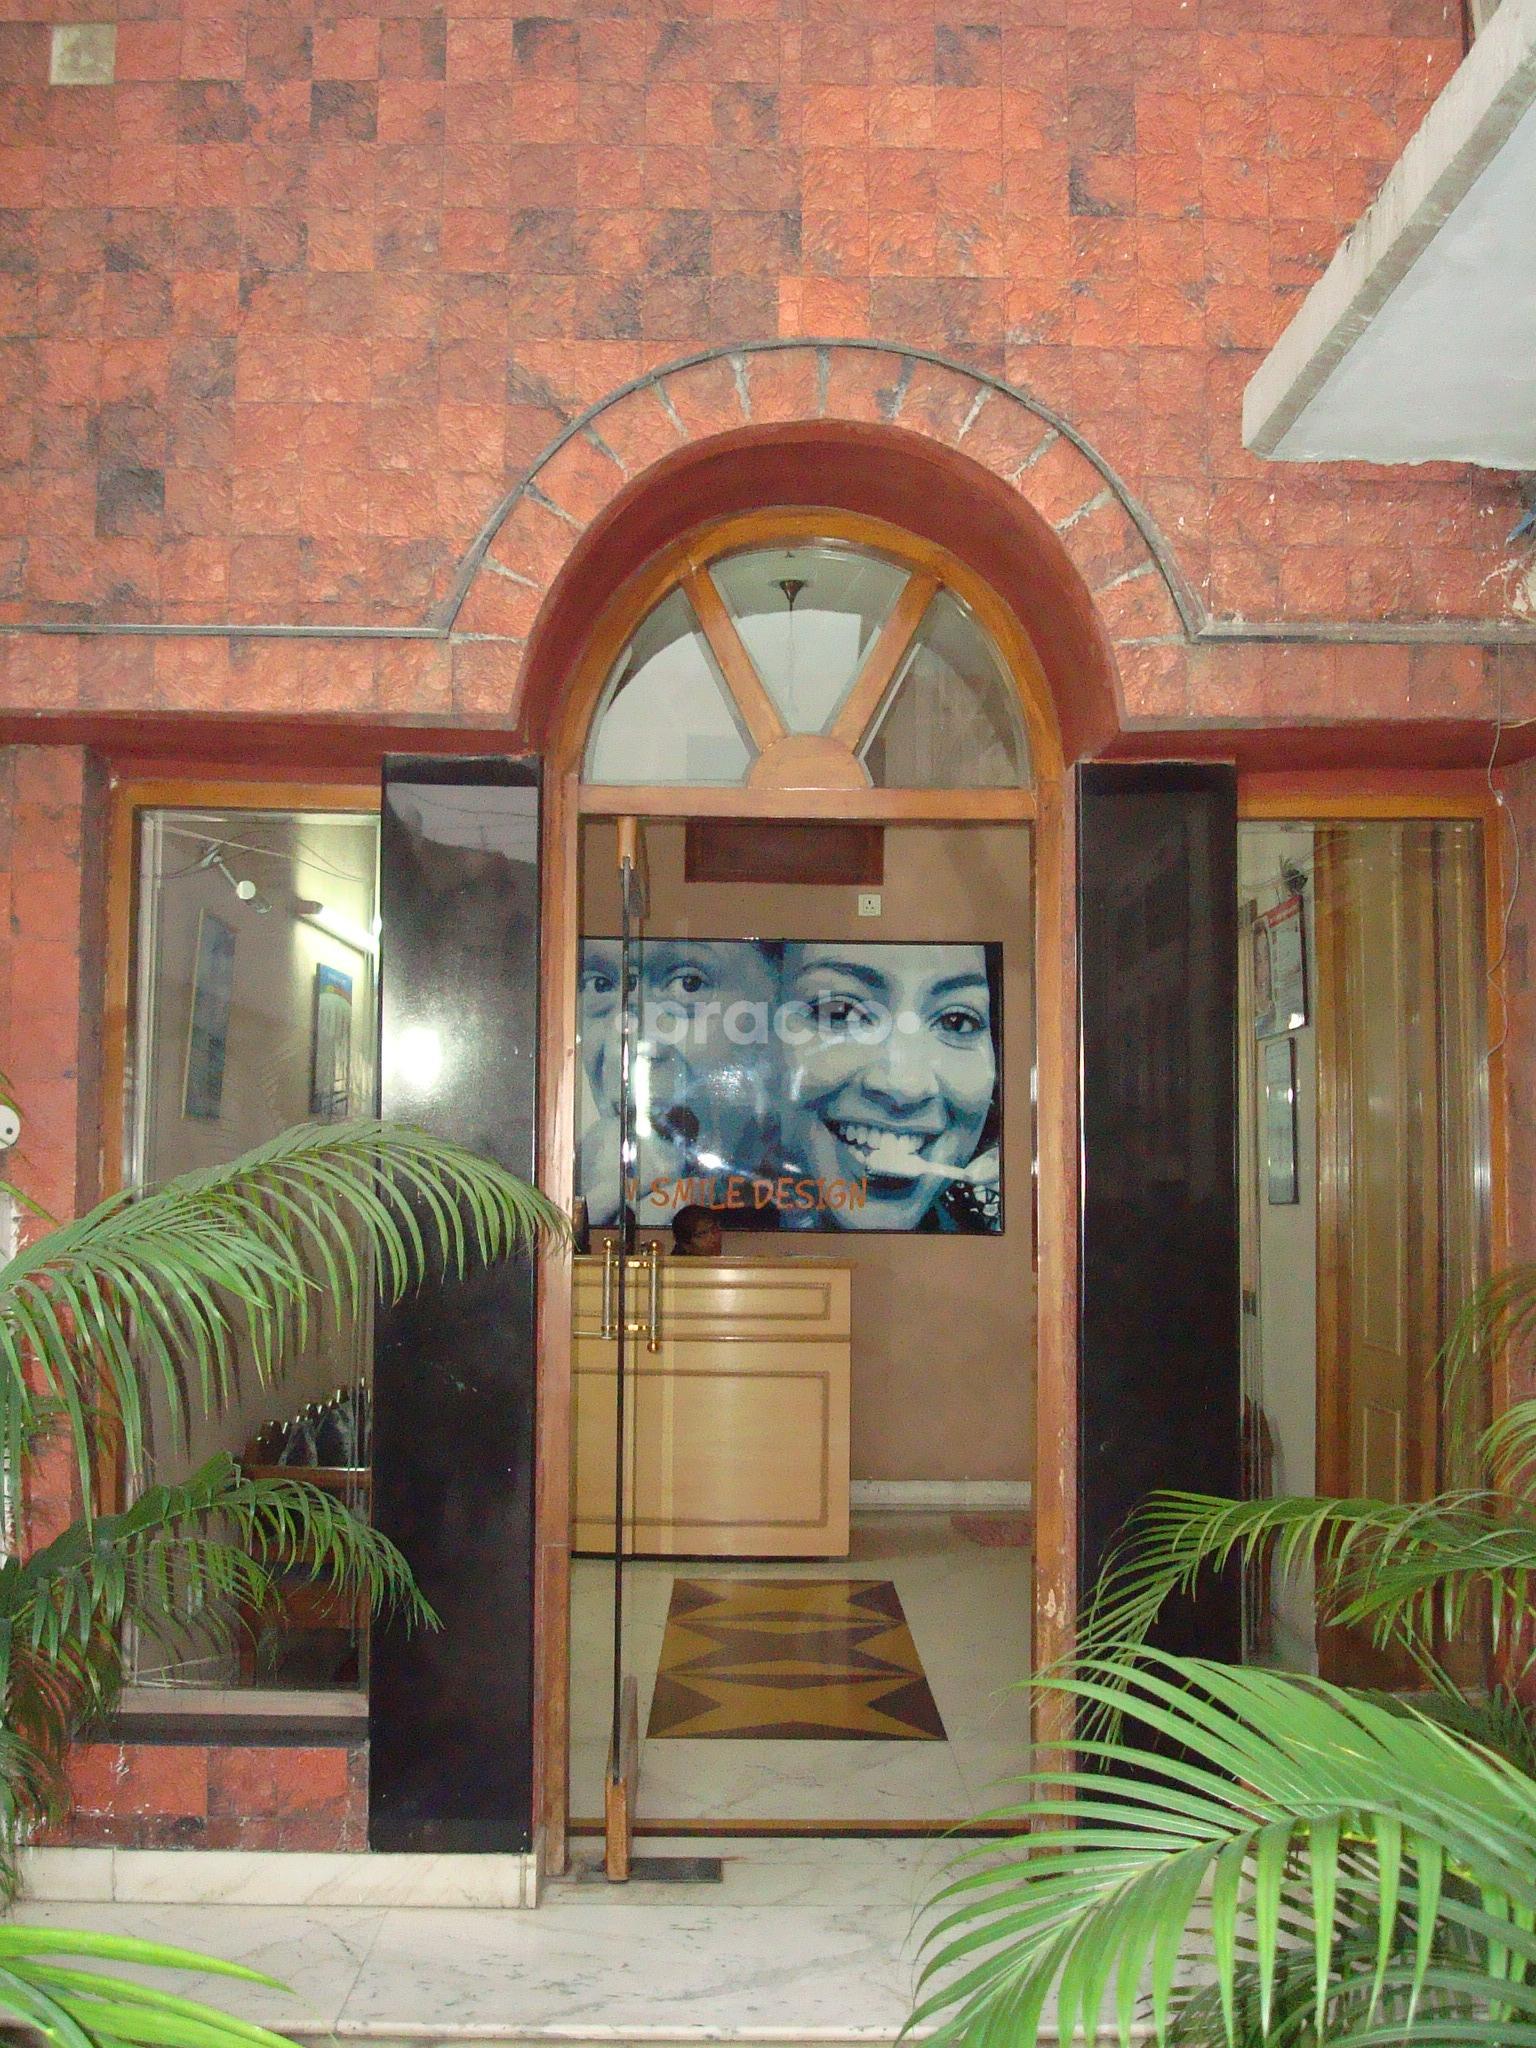 M R Dental & Surgical Centre, Dental Clinic in Kirti Nagar